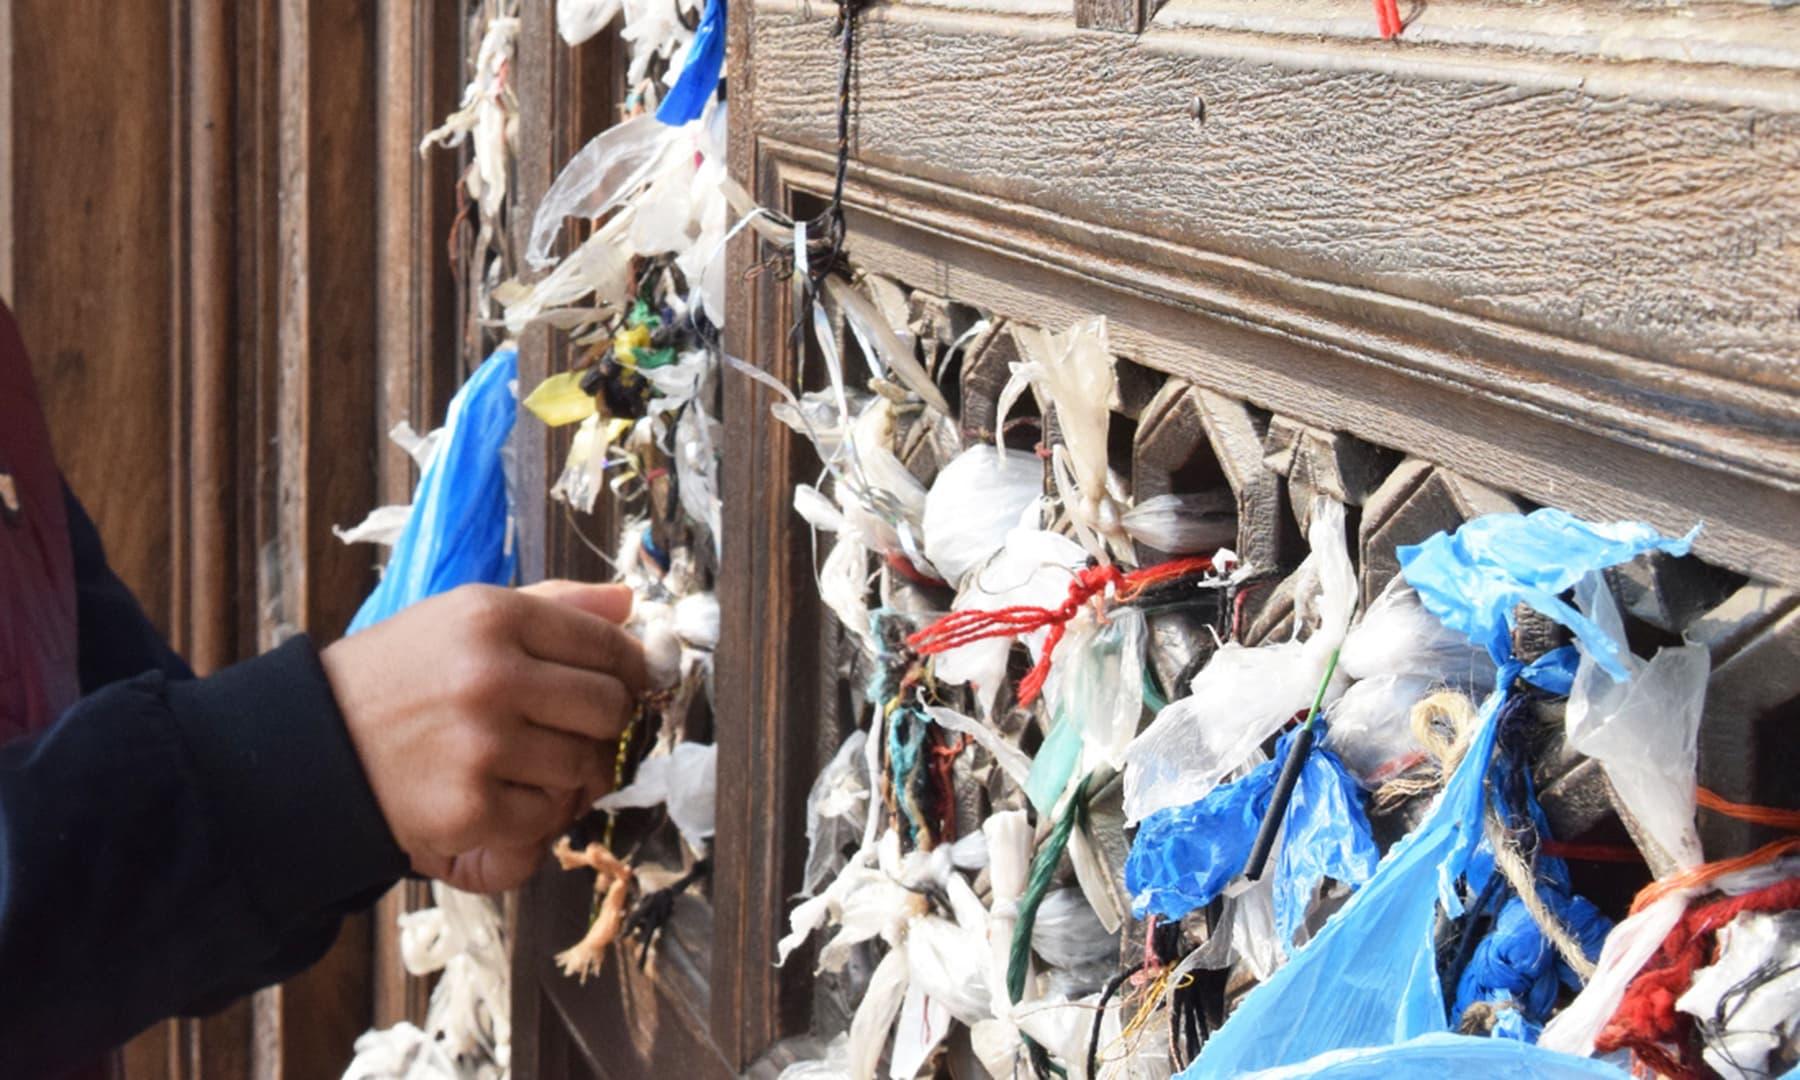 شاہ رکن عالم کی مزار پر لوگ دھاگہ باندھ کر منت مانگتے ہیں—تصویر عظمت اکبر